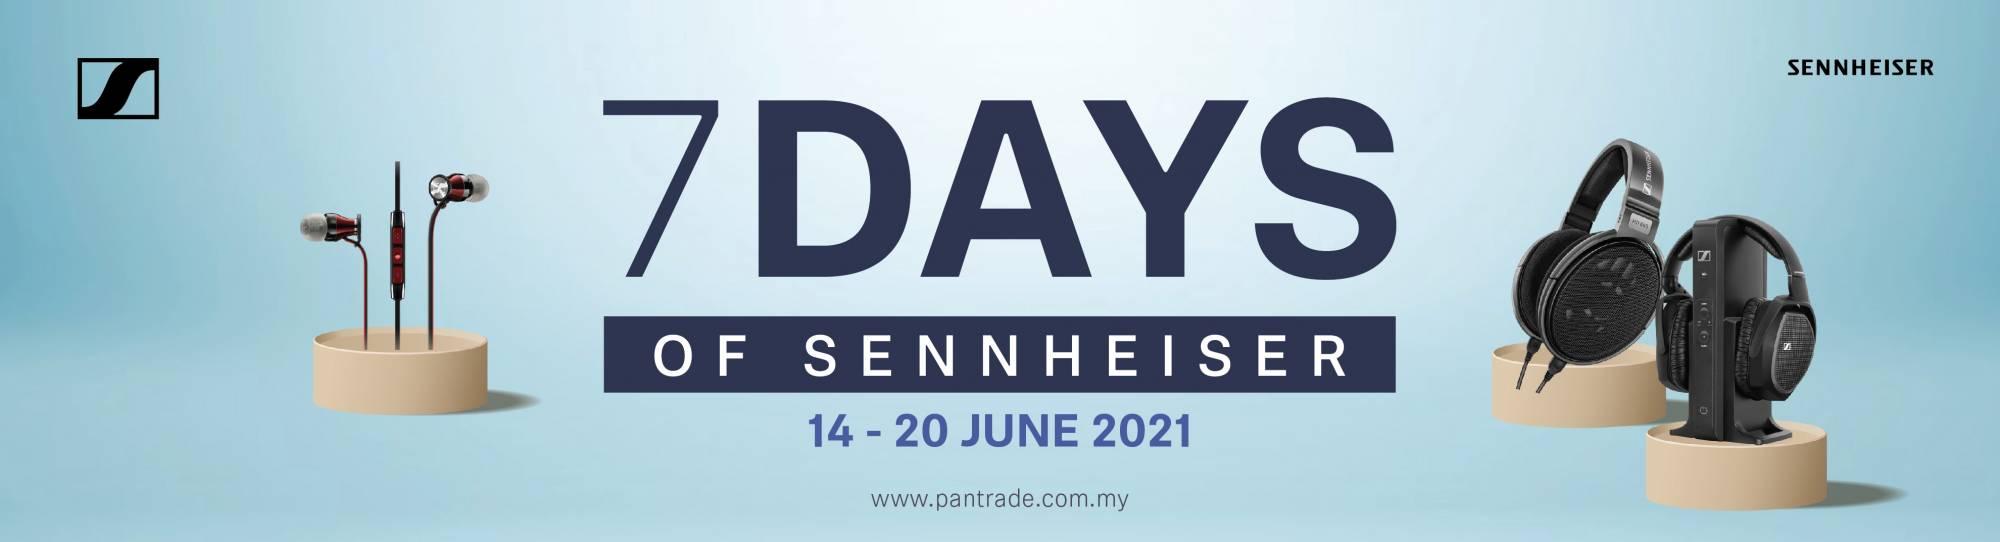 7days of Sennheiser